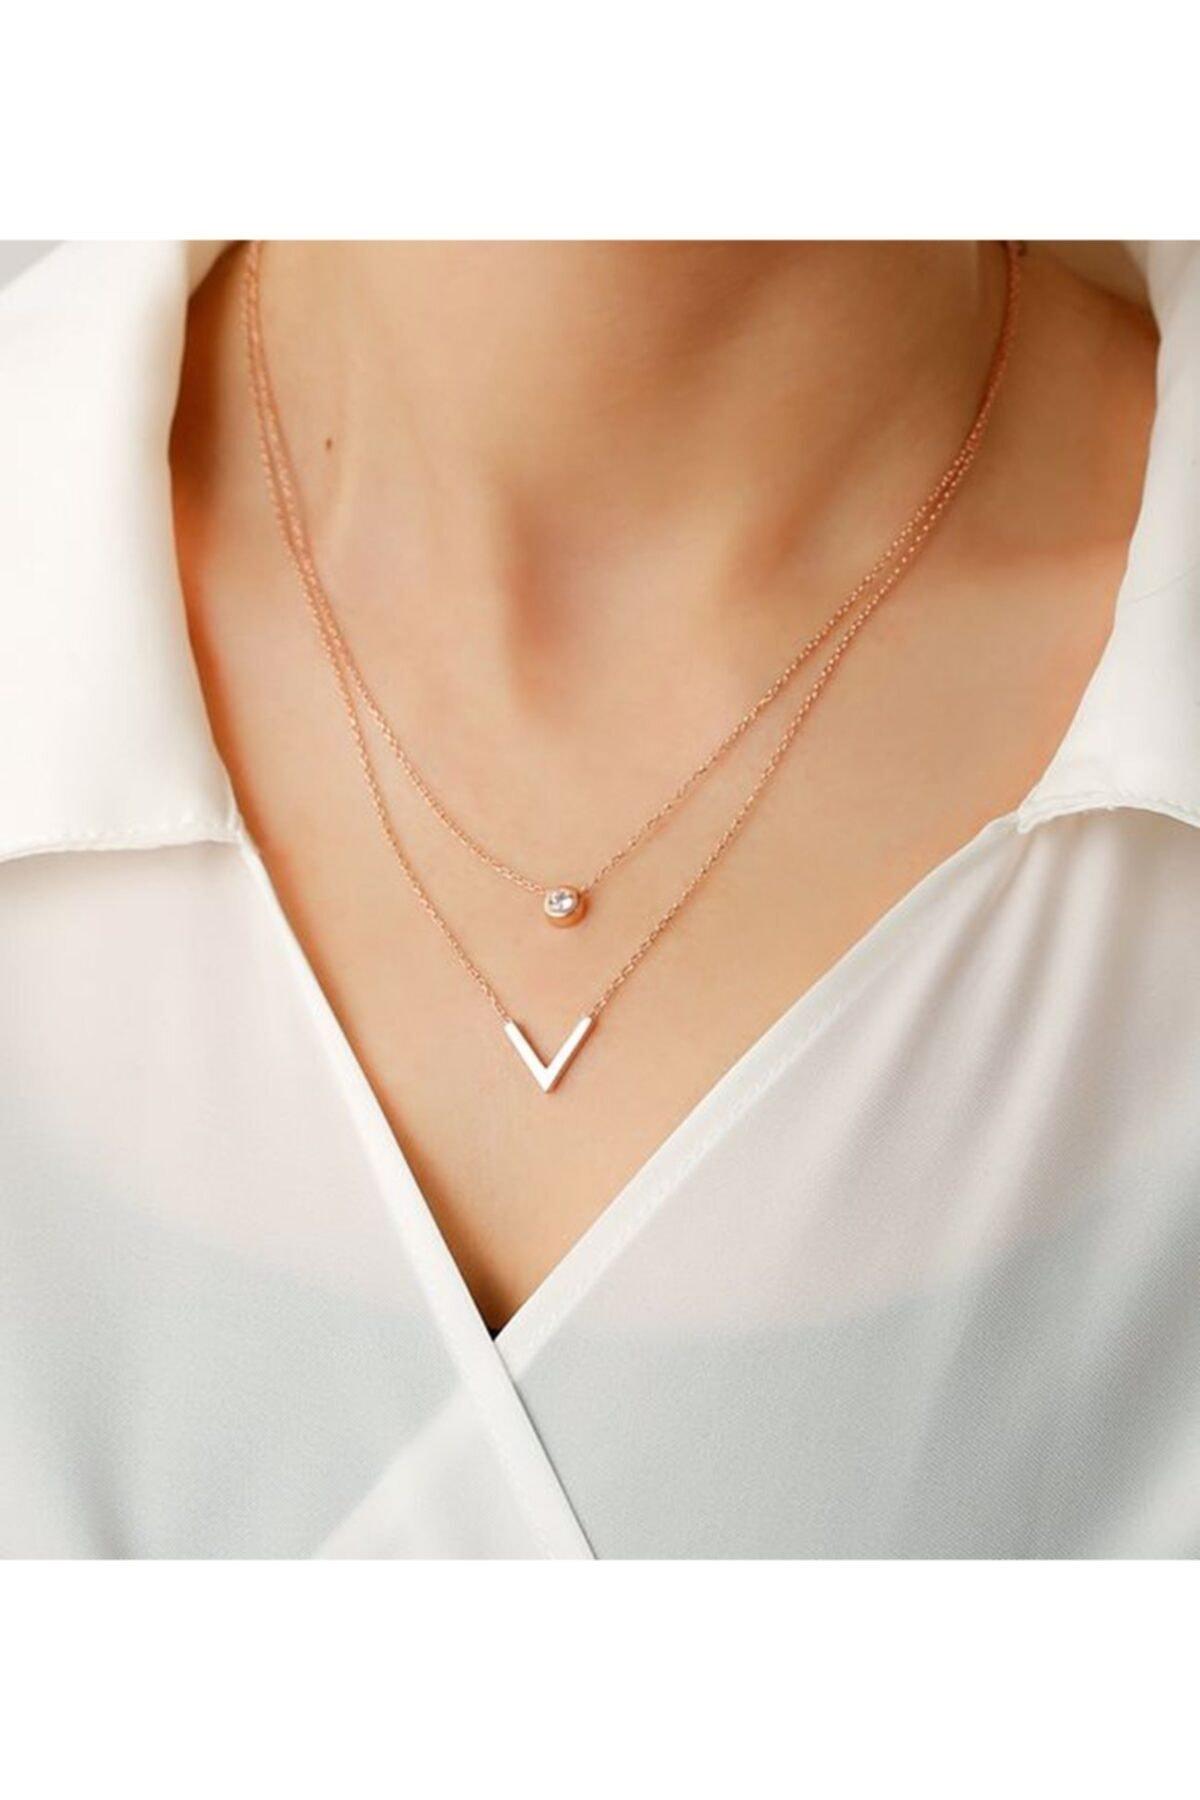 Gümüşistan 925 Ayar Gümüş Çift Zincir Trend Kolye 1